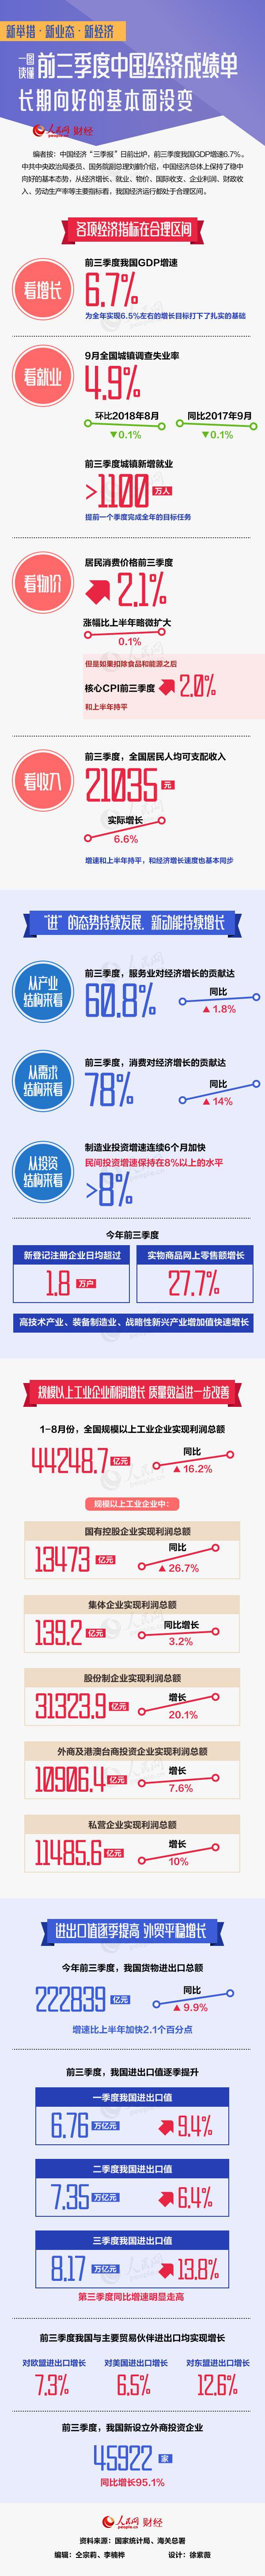 一图读懂前三季度中国经济成绩单 长期向好的基本面没变